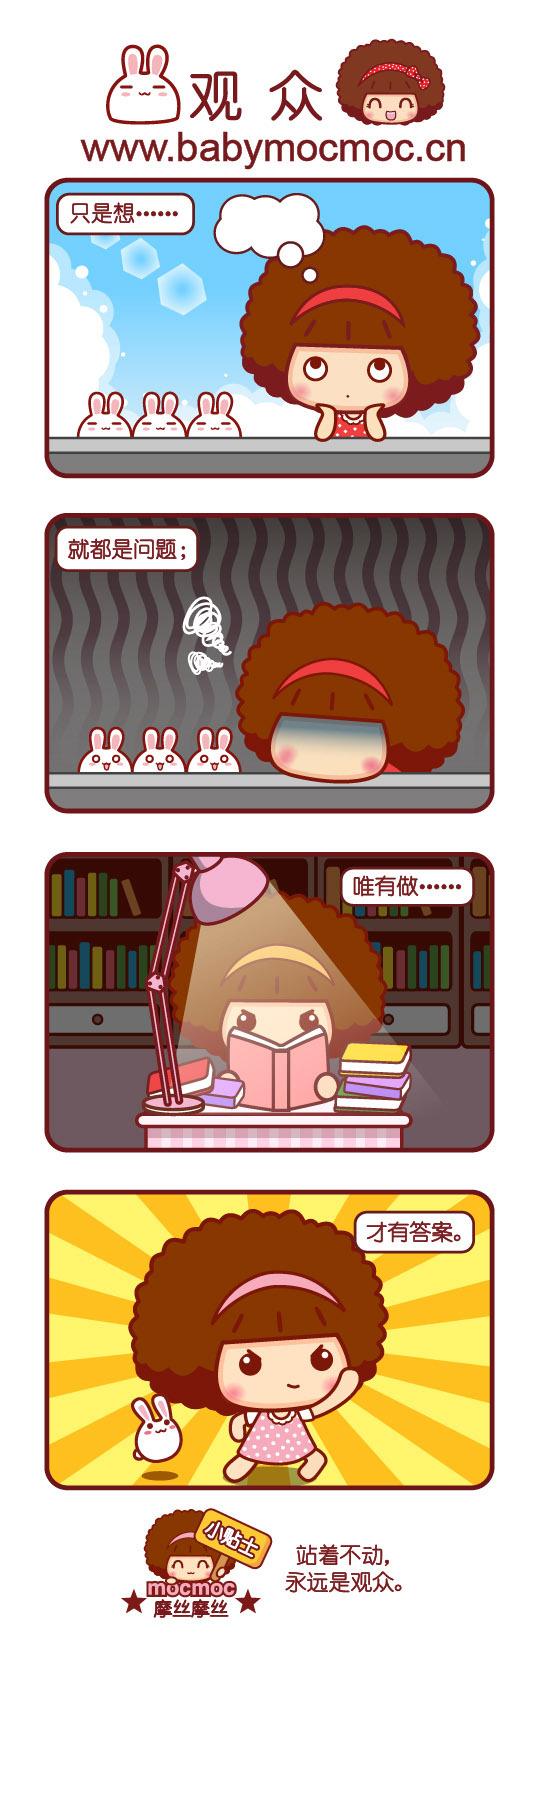 摩丝摩丝漫画~10月